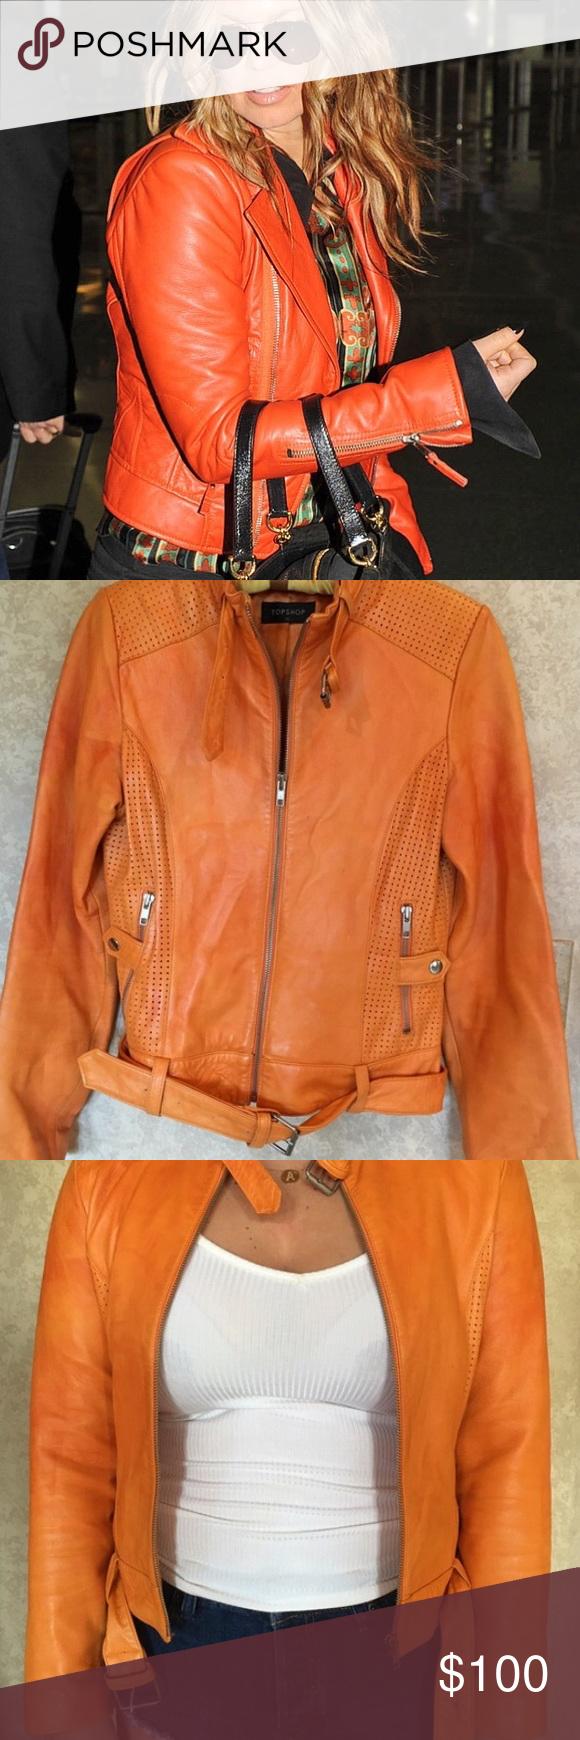 orange genuine leather jacket Leather jacket